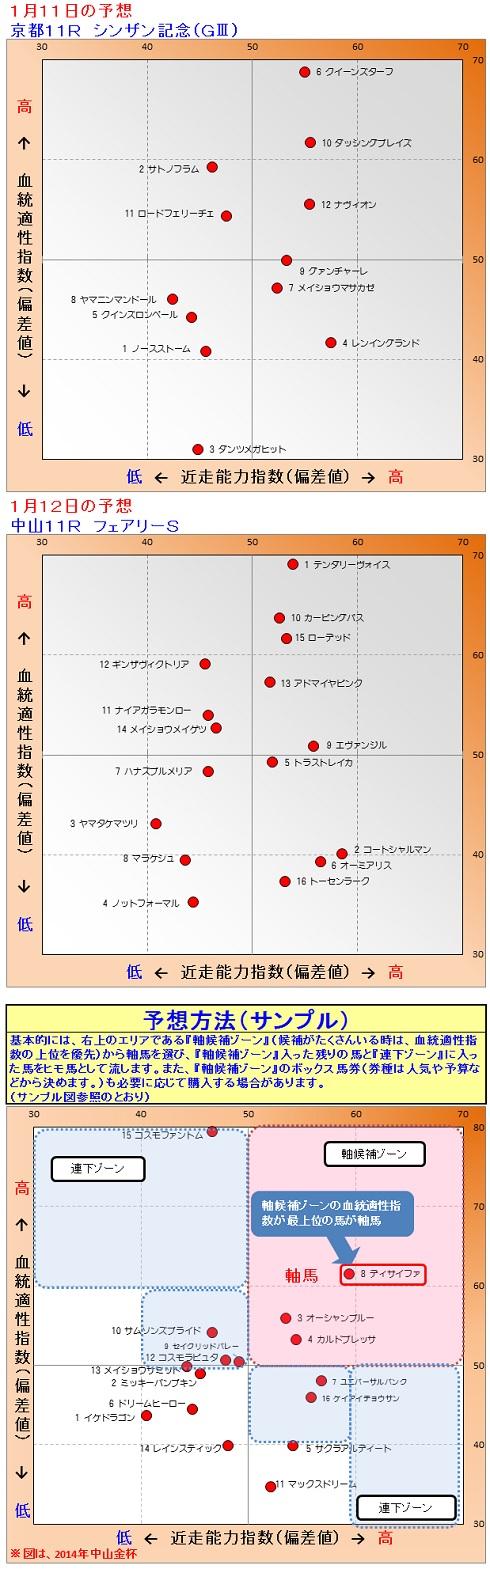 2015-01-1112予想